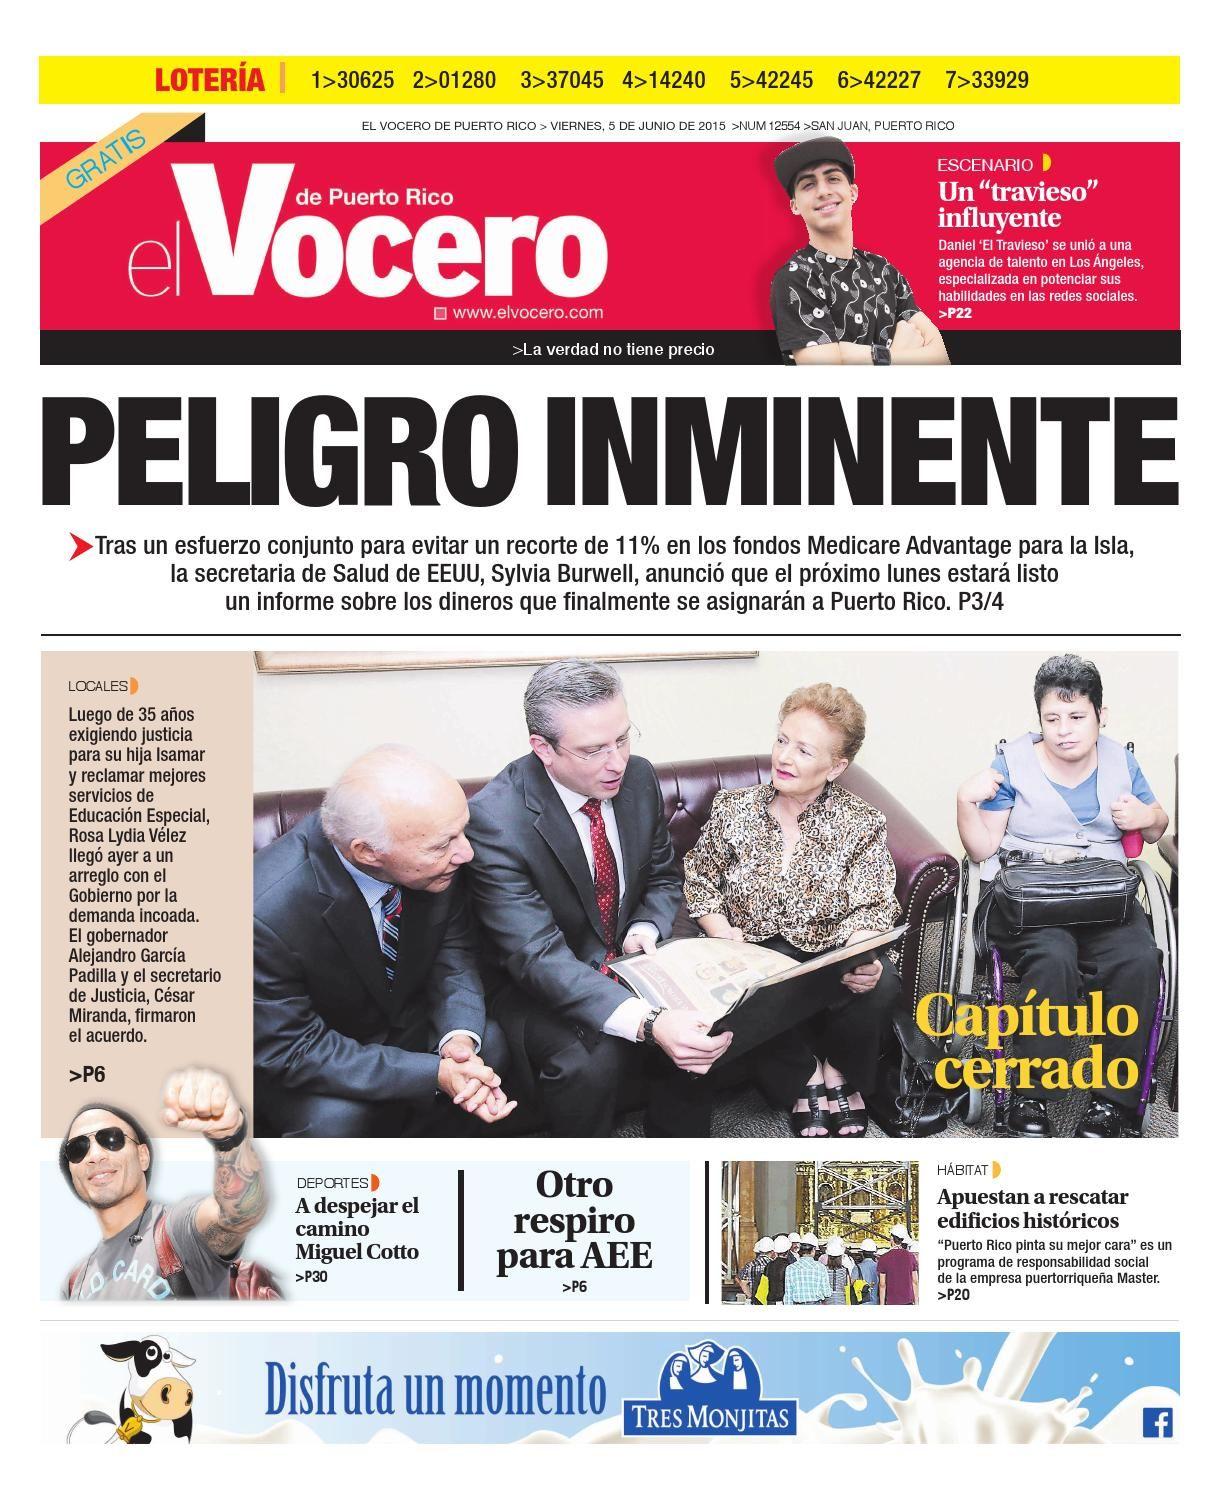 Edición 5 de Junio 2015  El Vocero de Puerto Rico